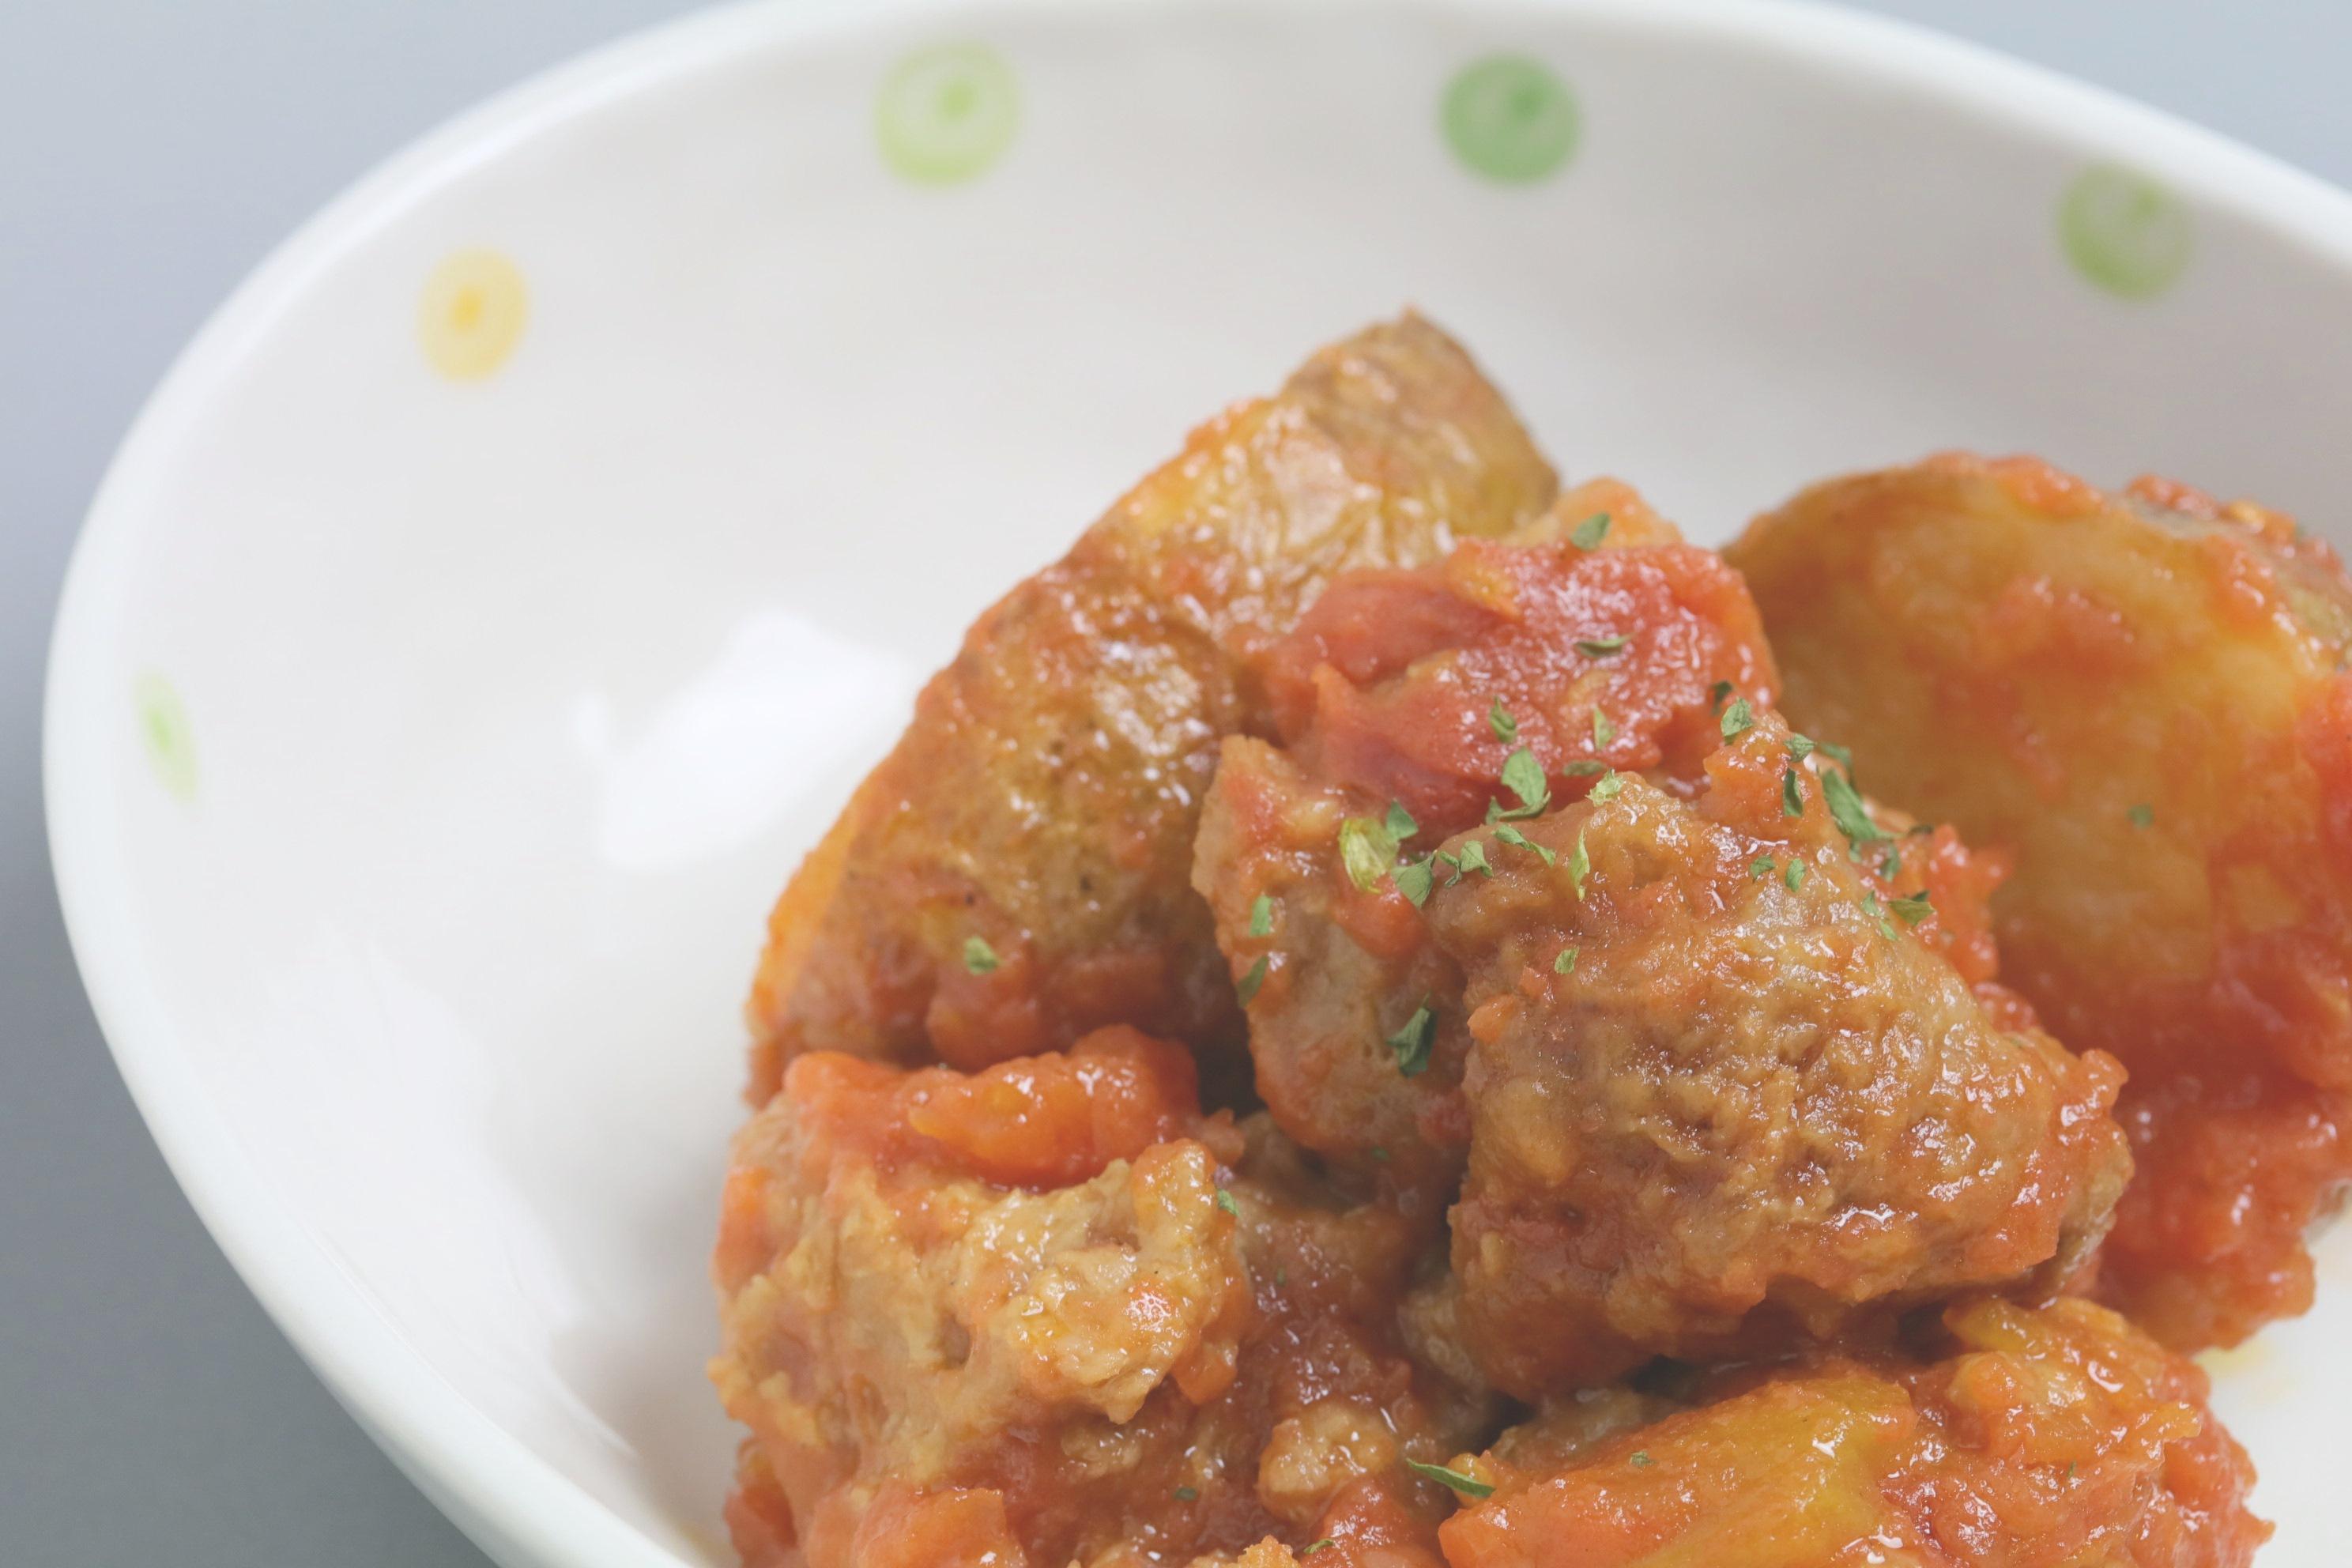 大豆ミートと揚げじゃがいもの有機トマト煮